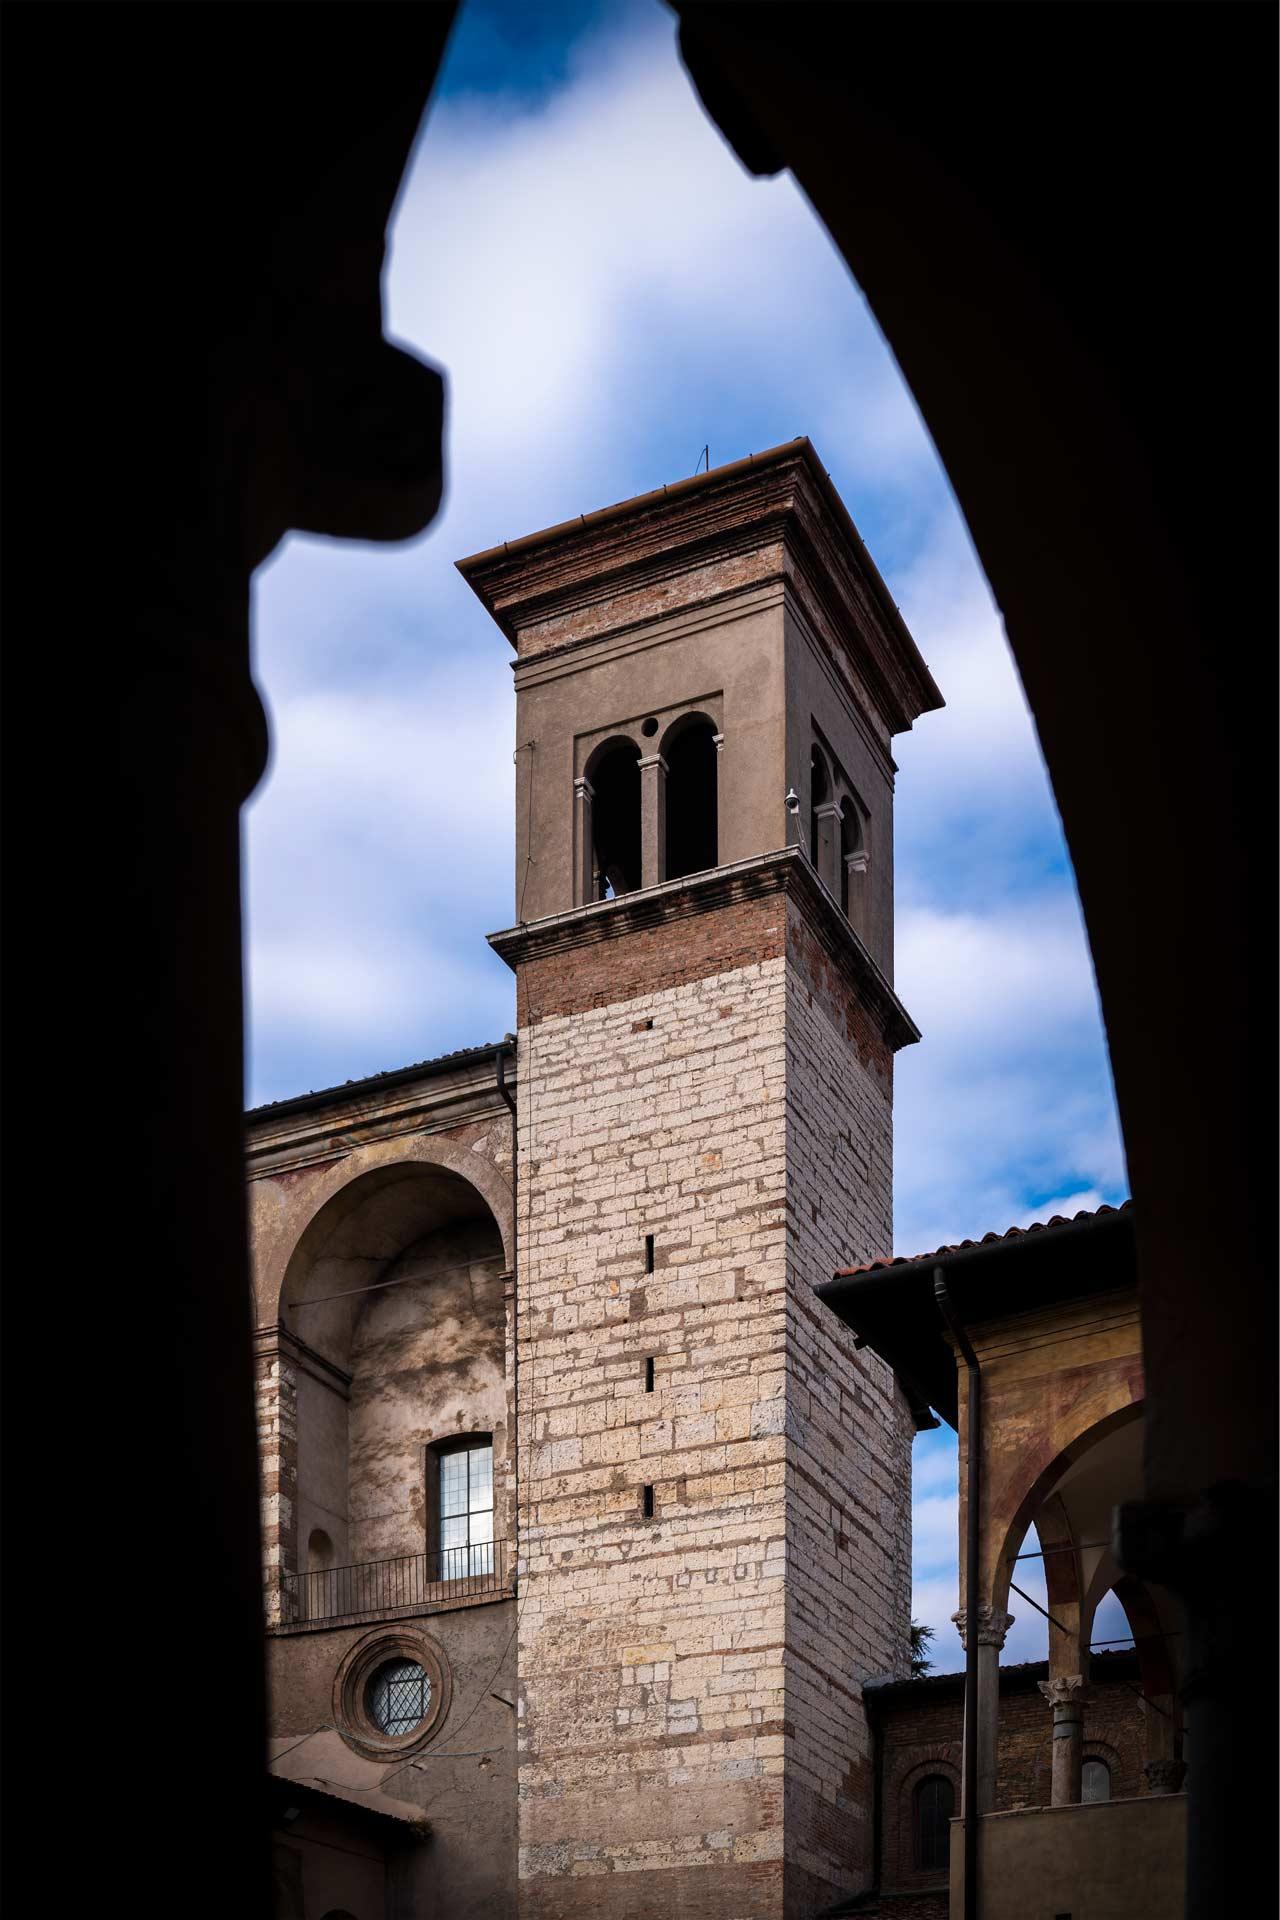 museo santa giulia michele borboni 6